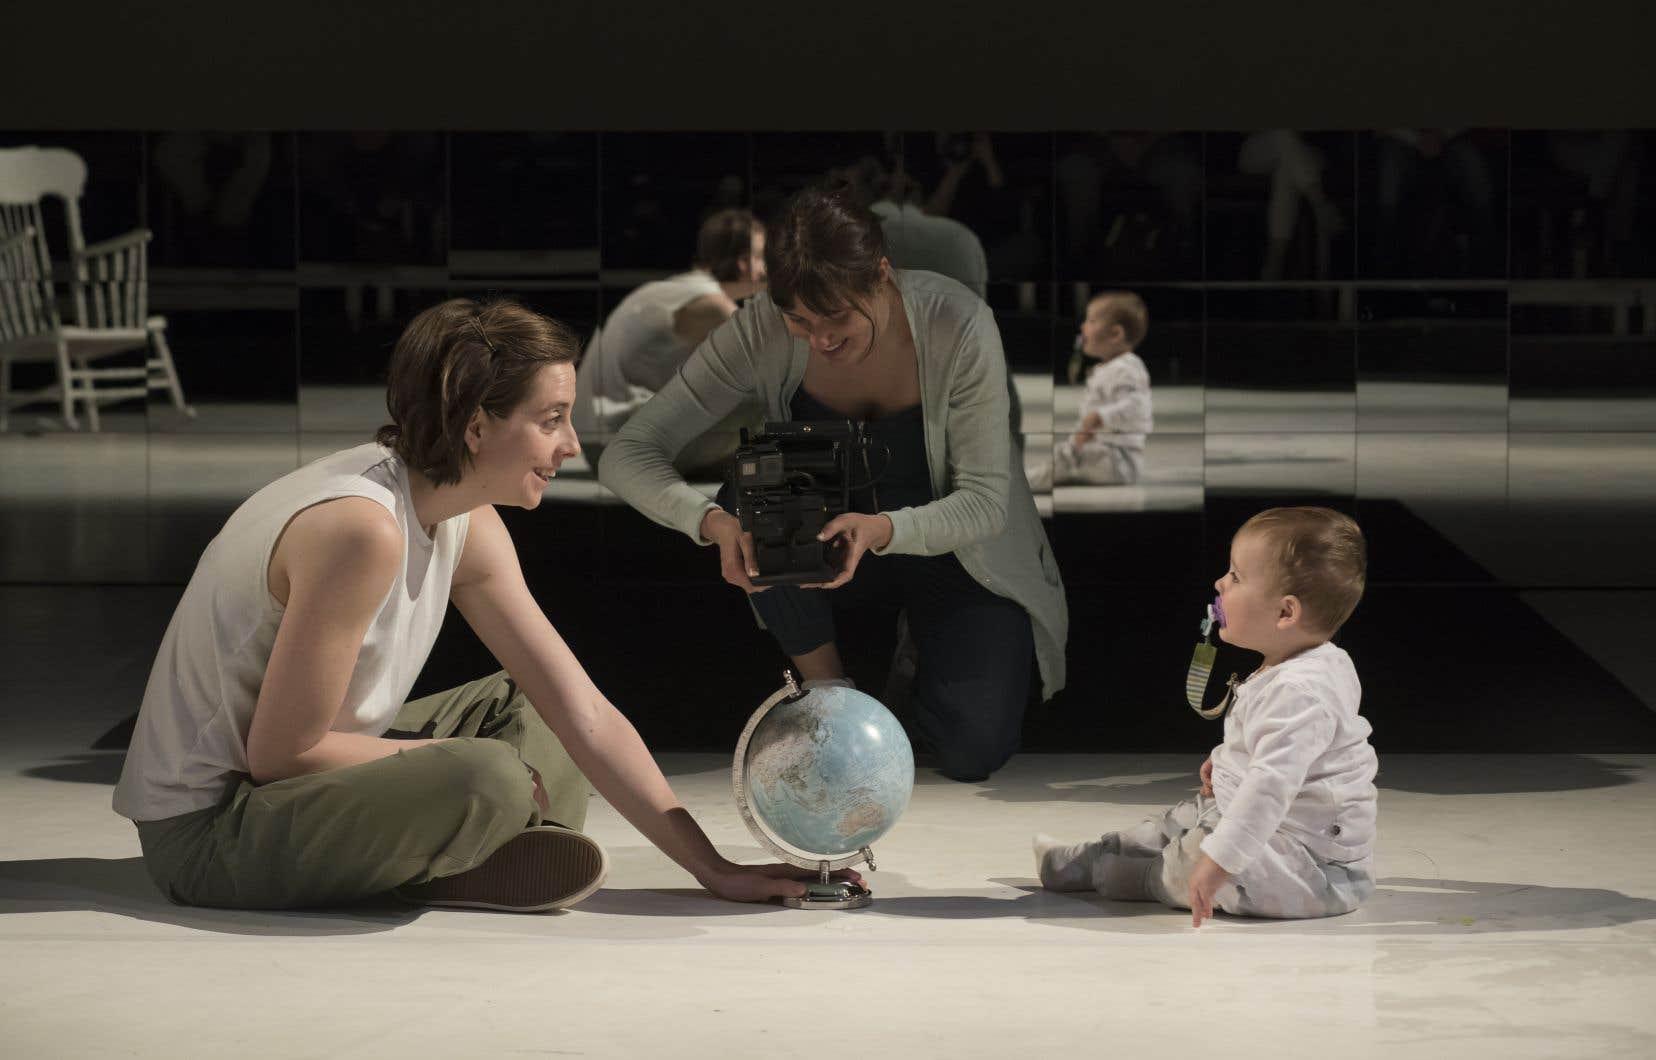 Certains tableaux semblent se développer de manière inattendue, se transformer. Ève Landry est tout simplement excellente en mère épuisée, qui exprime tout son vertige et tout son amour.